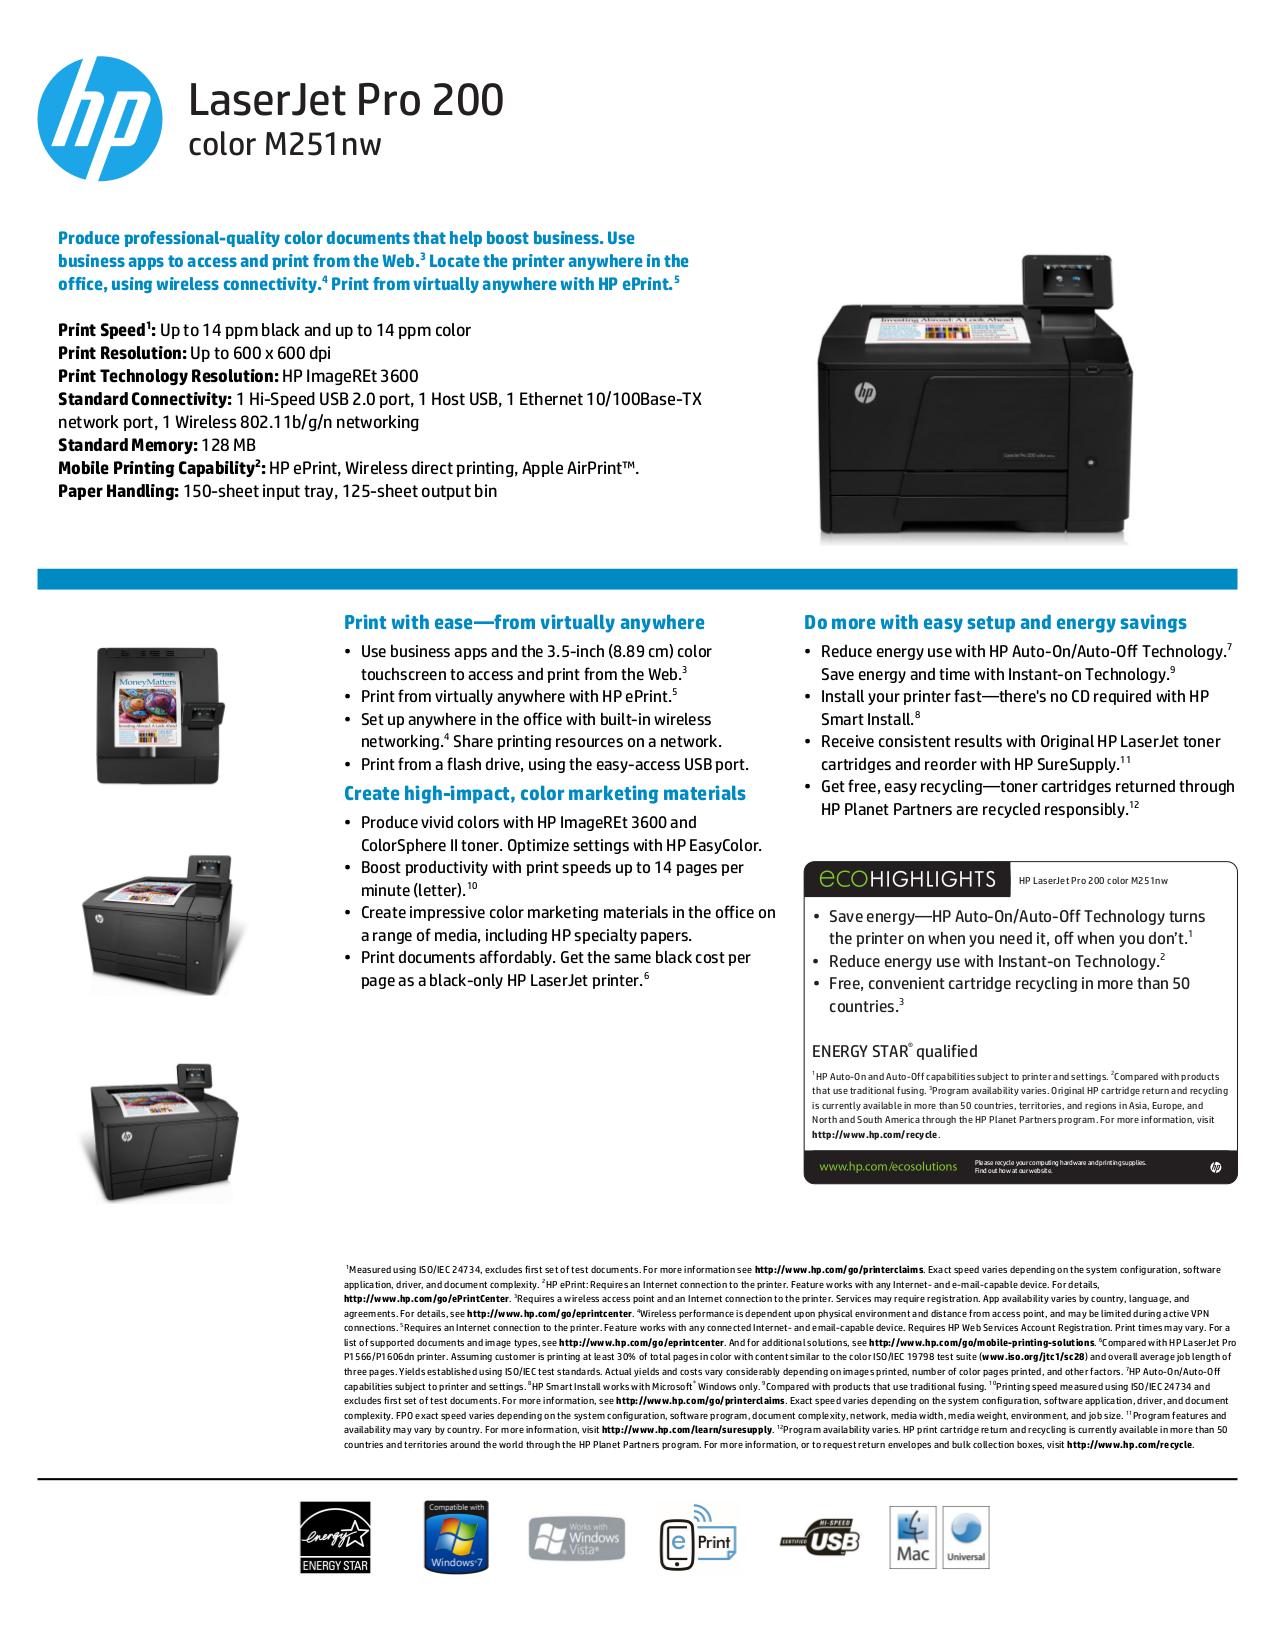 hp 2540 printer manual pdf